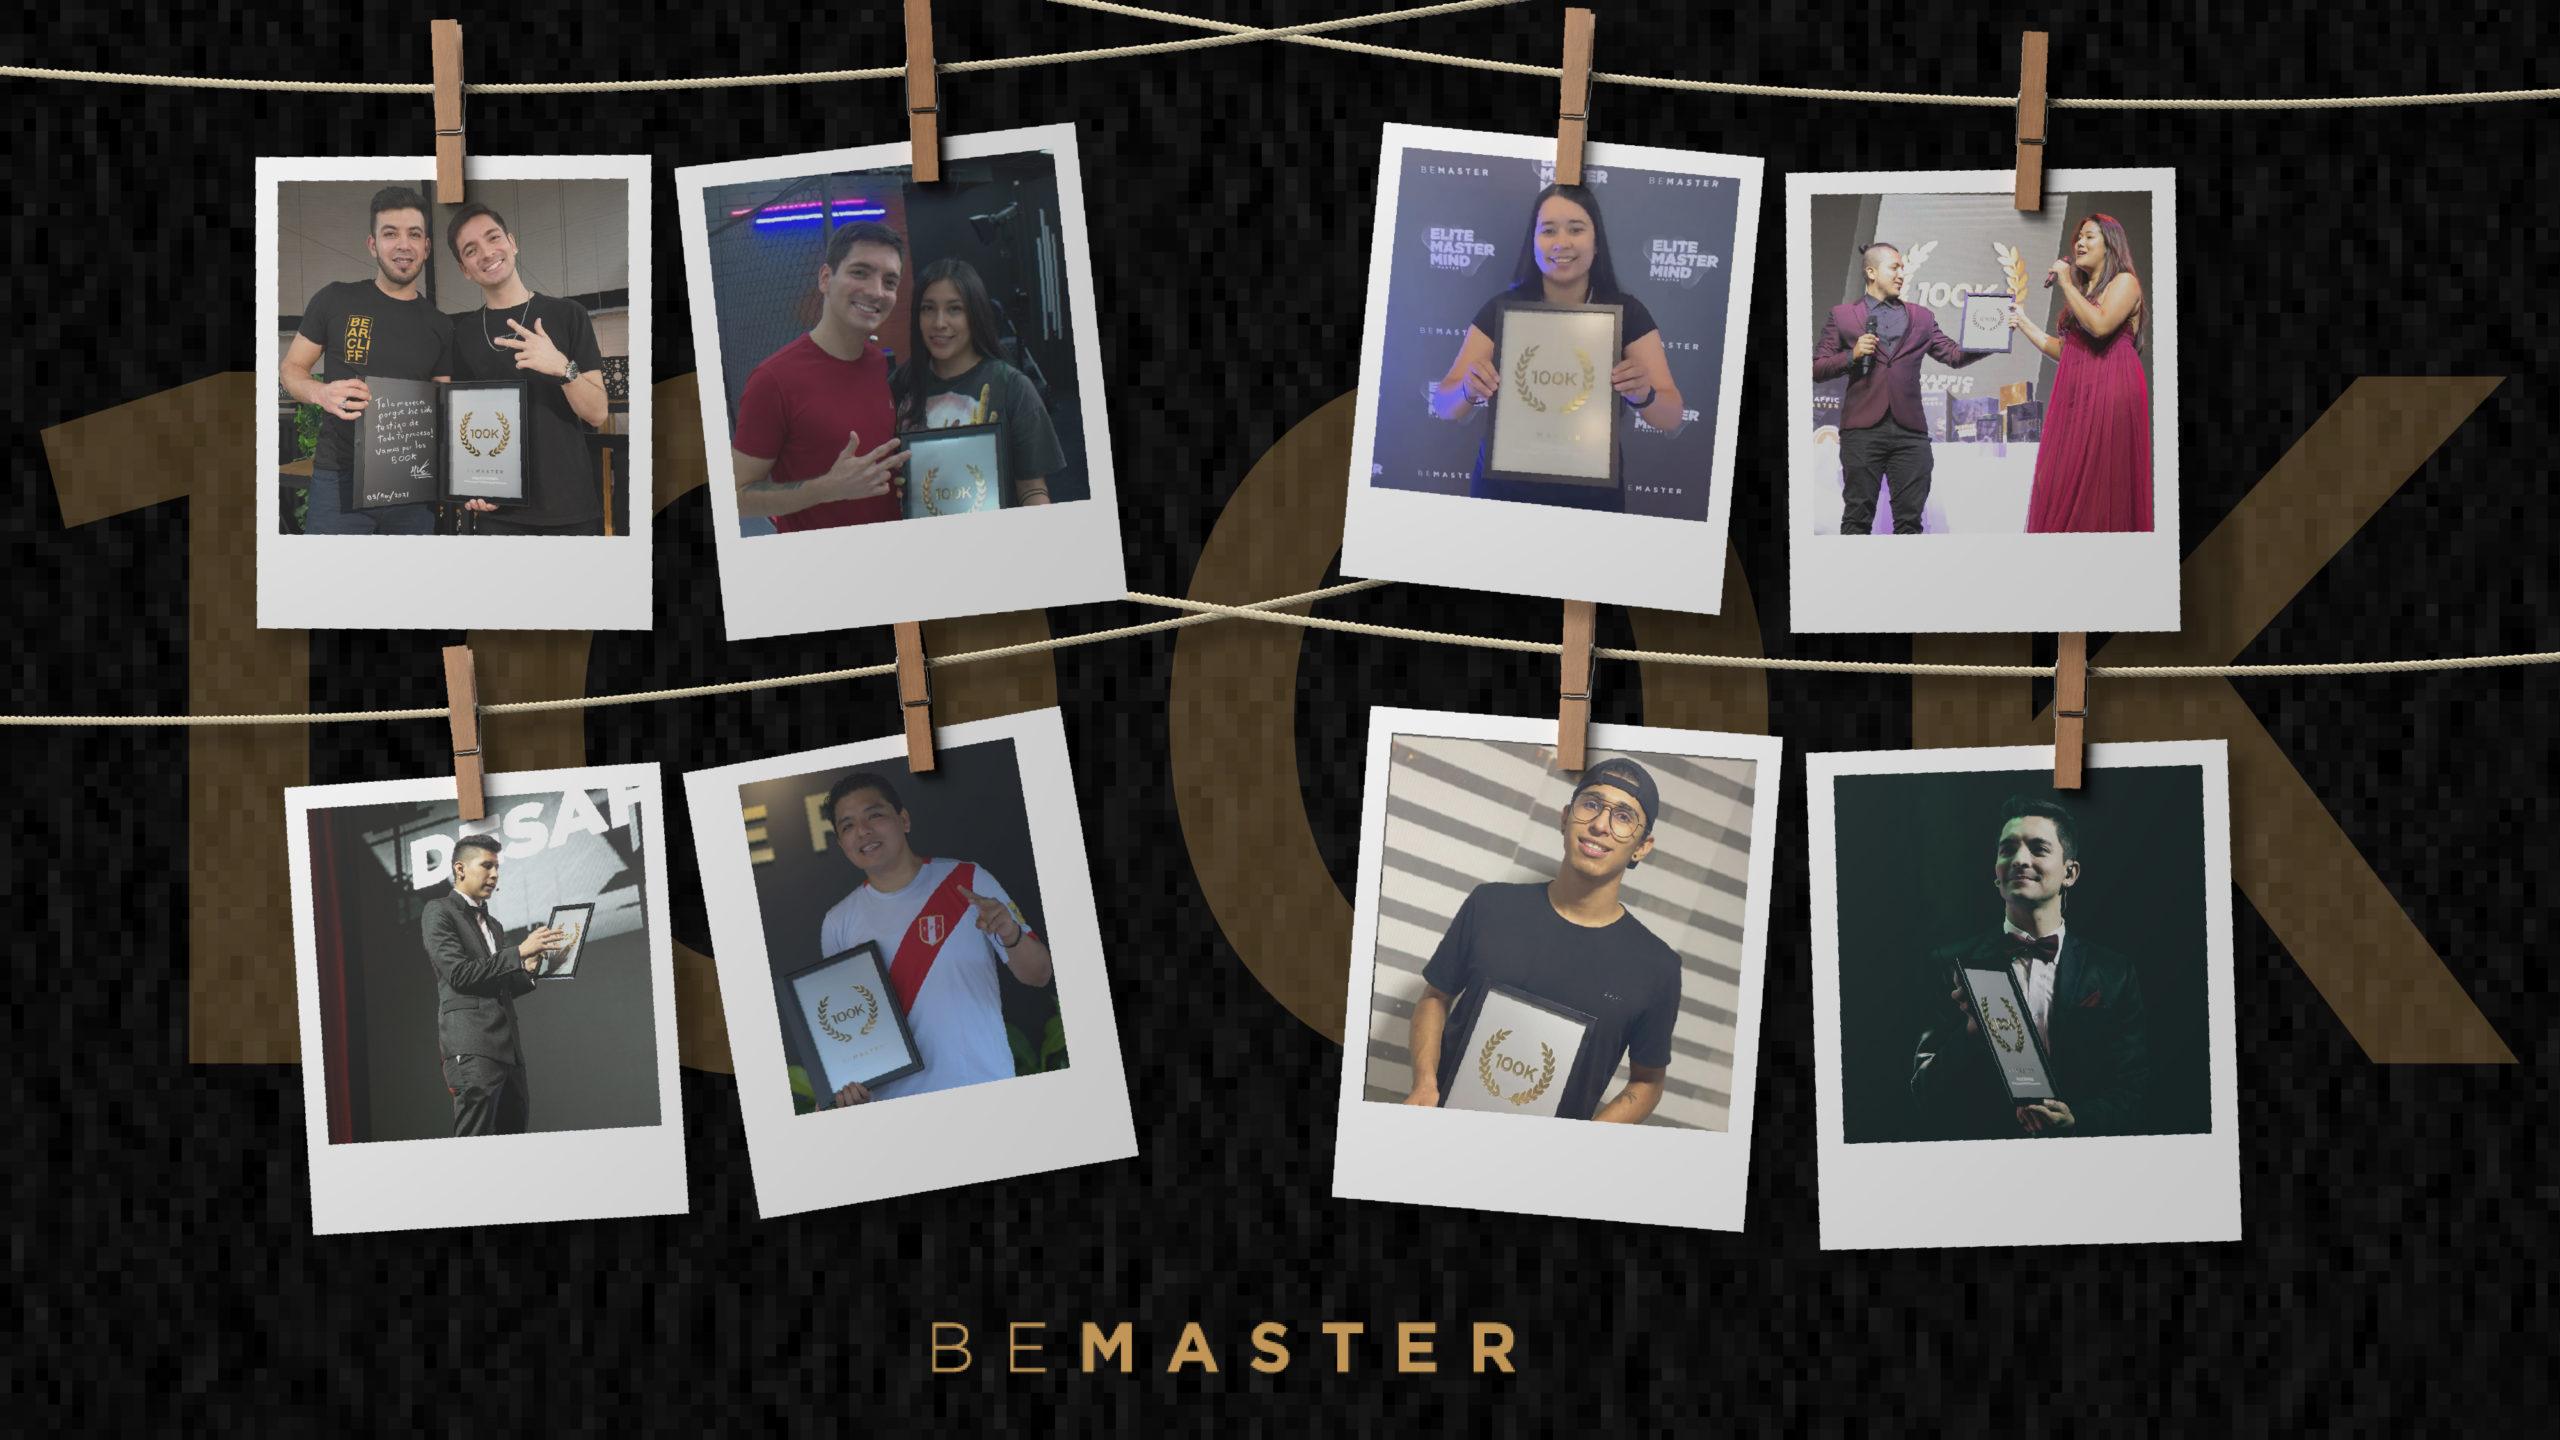 Estudiantes de Bemaster que han ganado la placa 100k